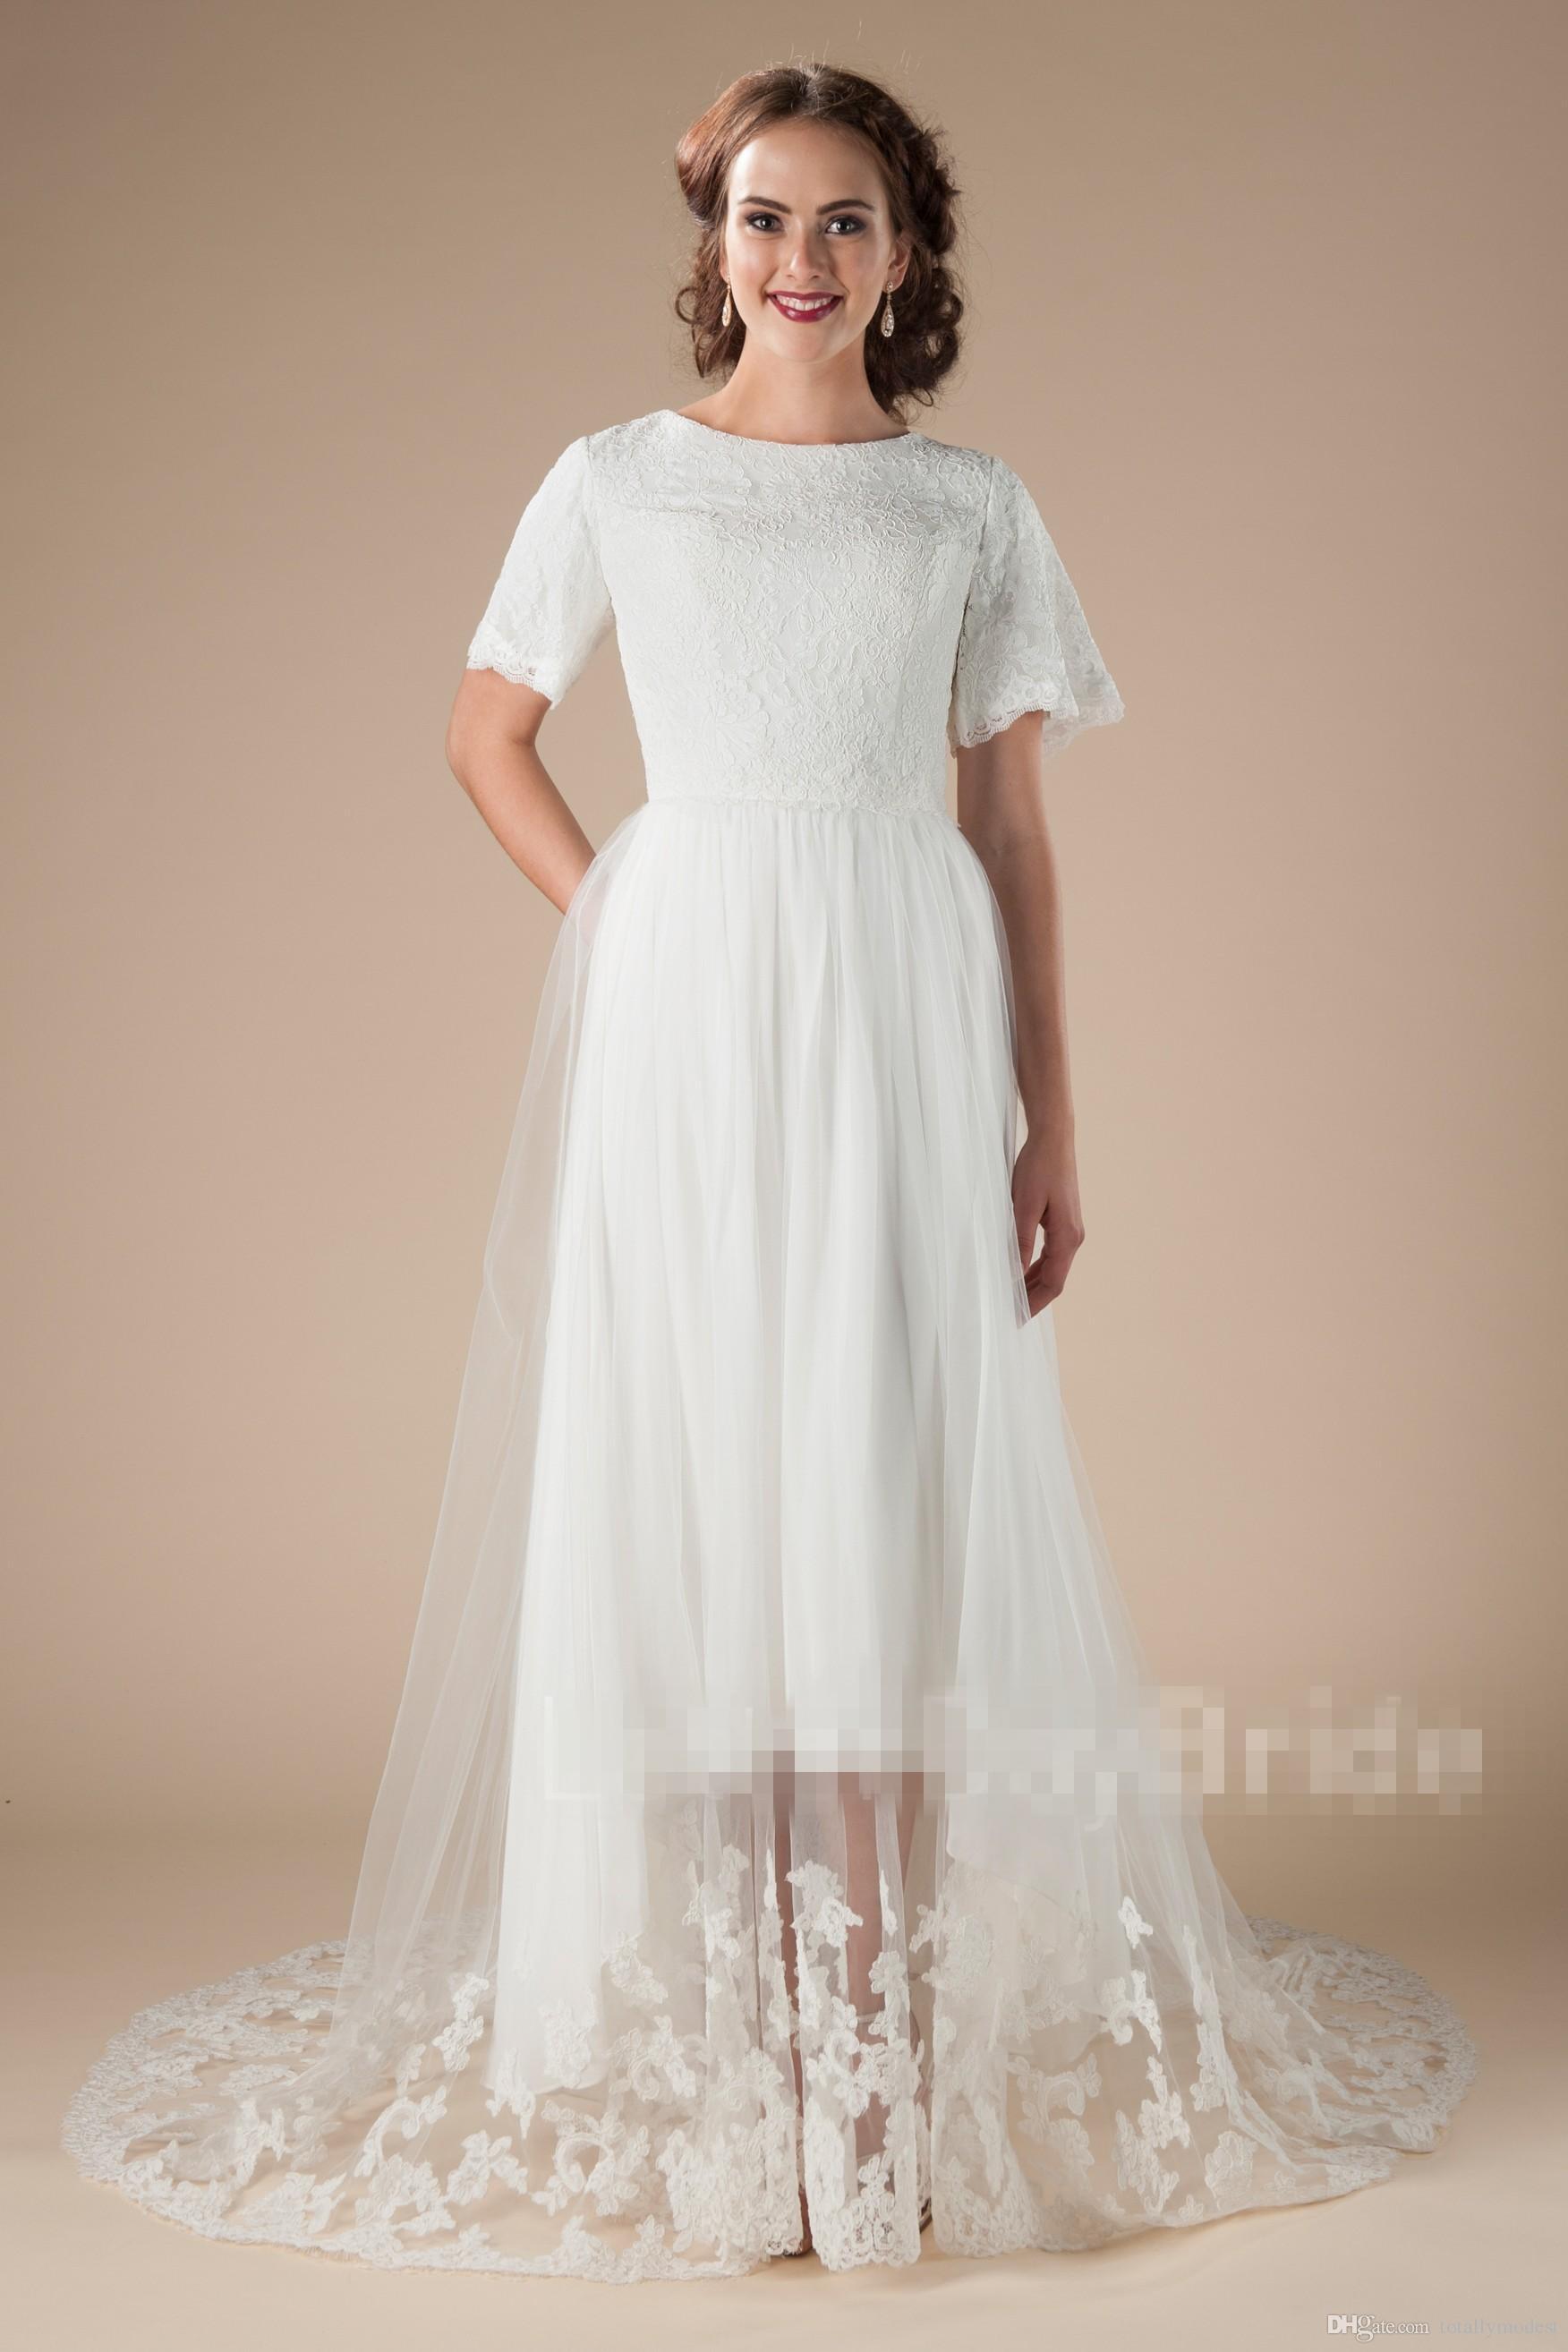 Grosshandel 2018 Neue Vintage High Low Spitze Modest Brautkleider Mit